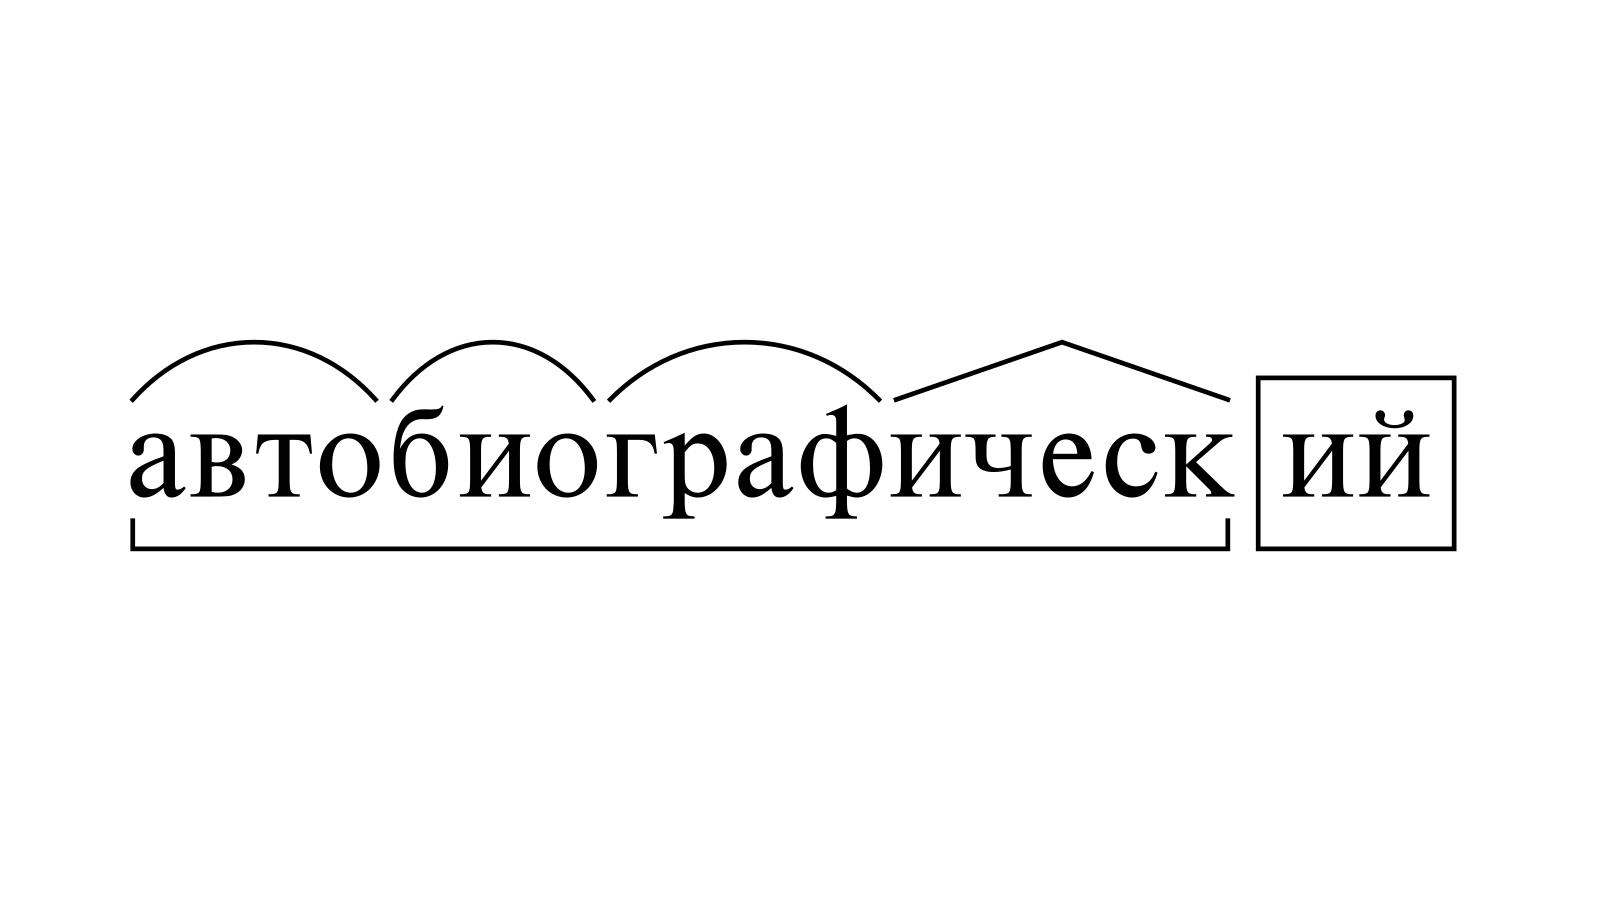 Разбор слова «автобиографический» по составу